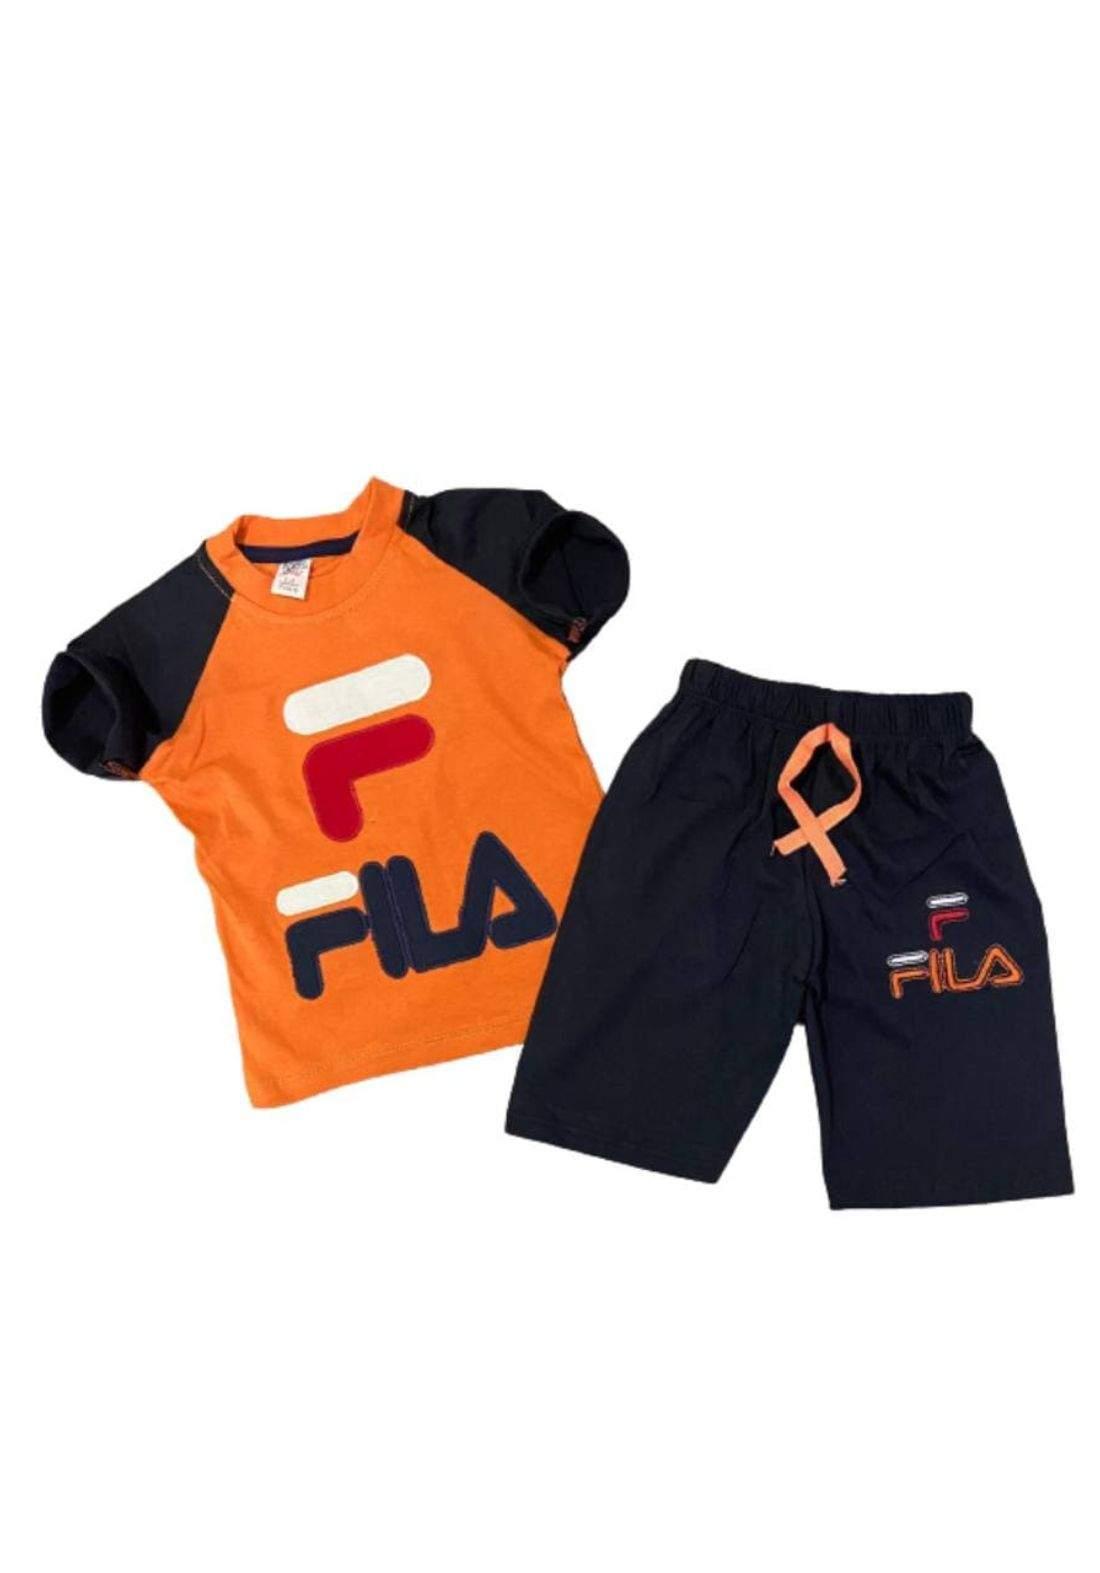 tracksuit for boys orange (t-shirt+short) ( تراكسوت ولادي برتقالي (شورت و تيشيرت